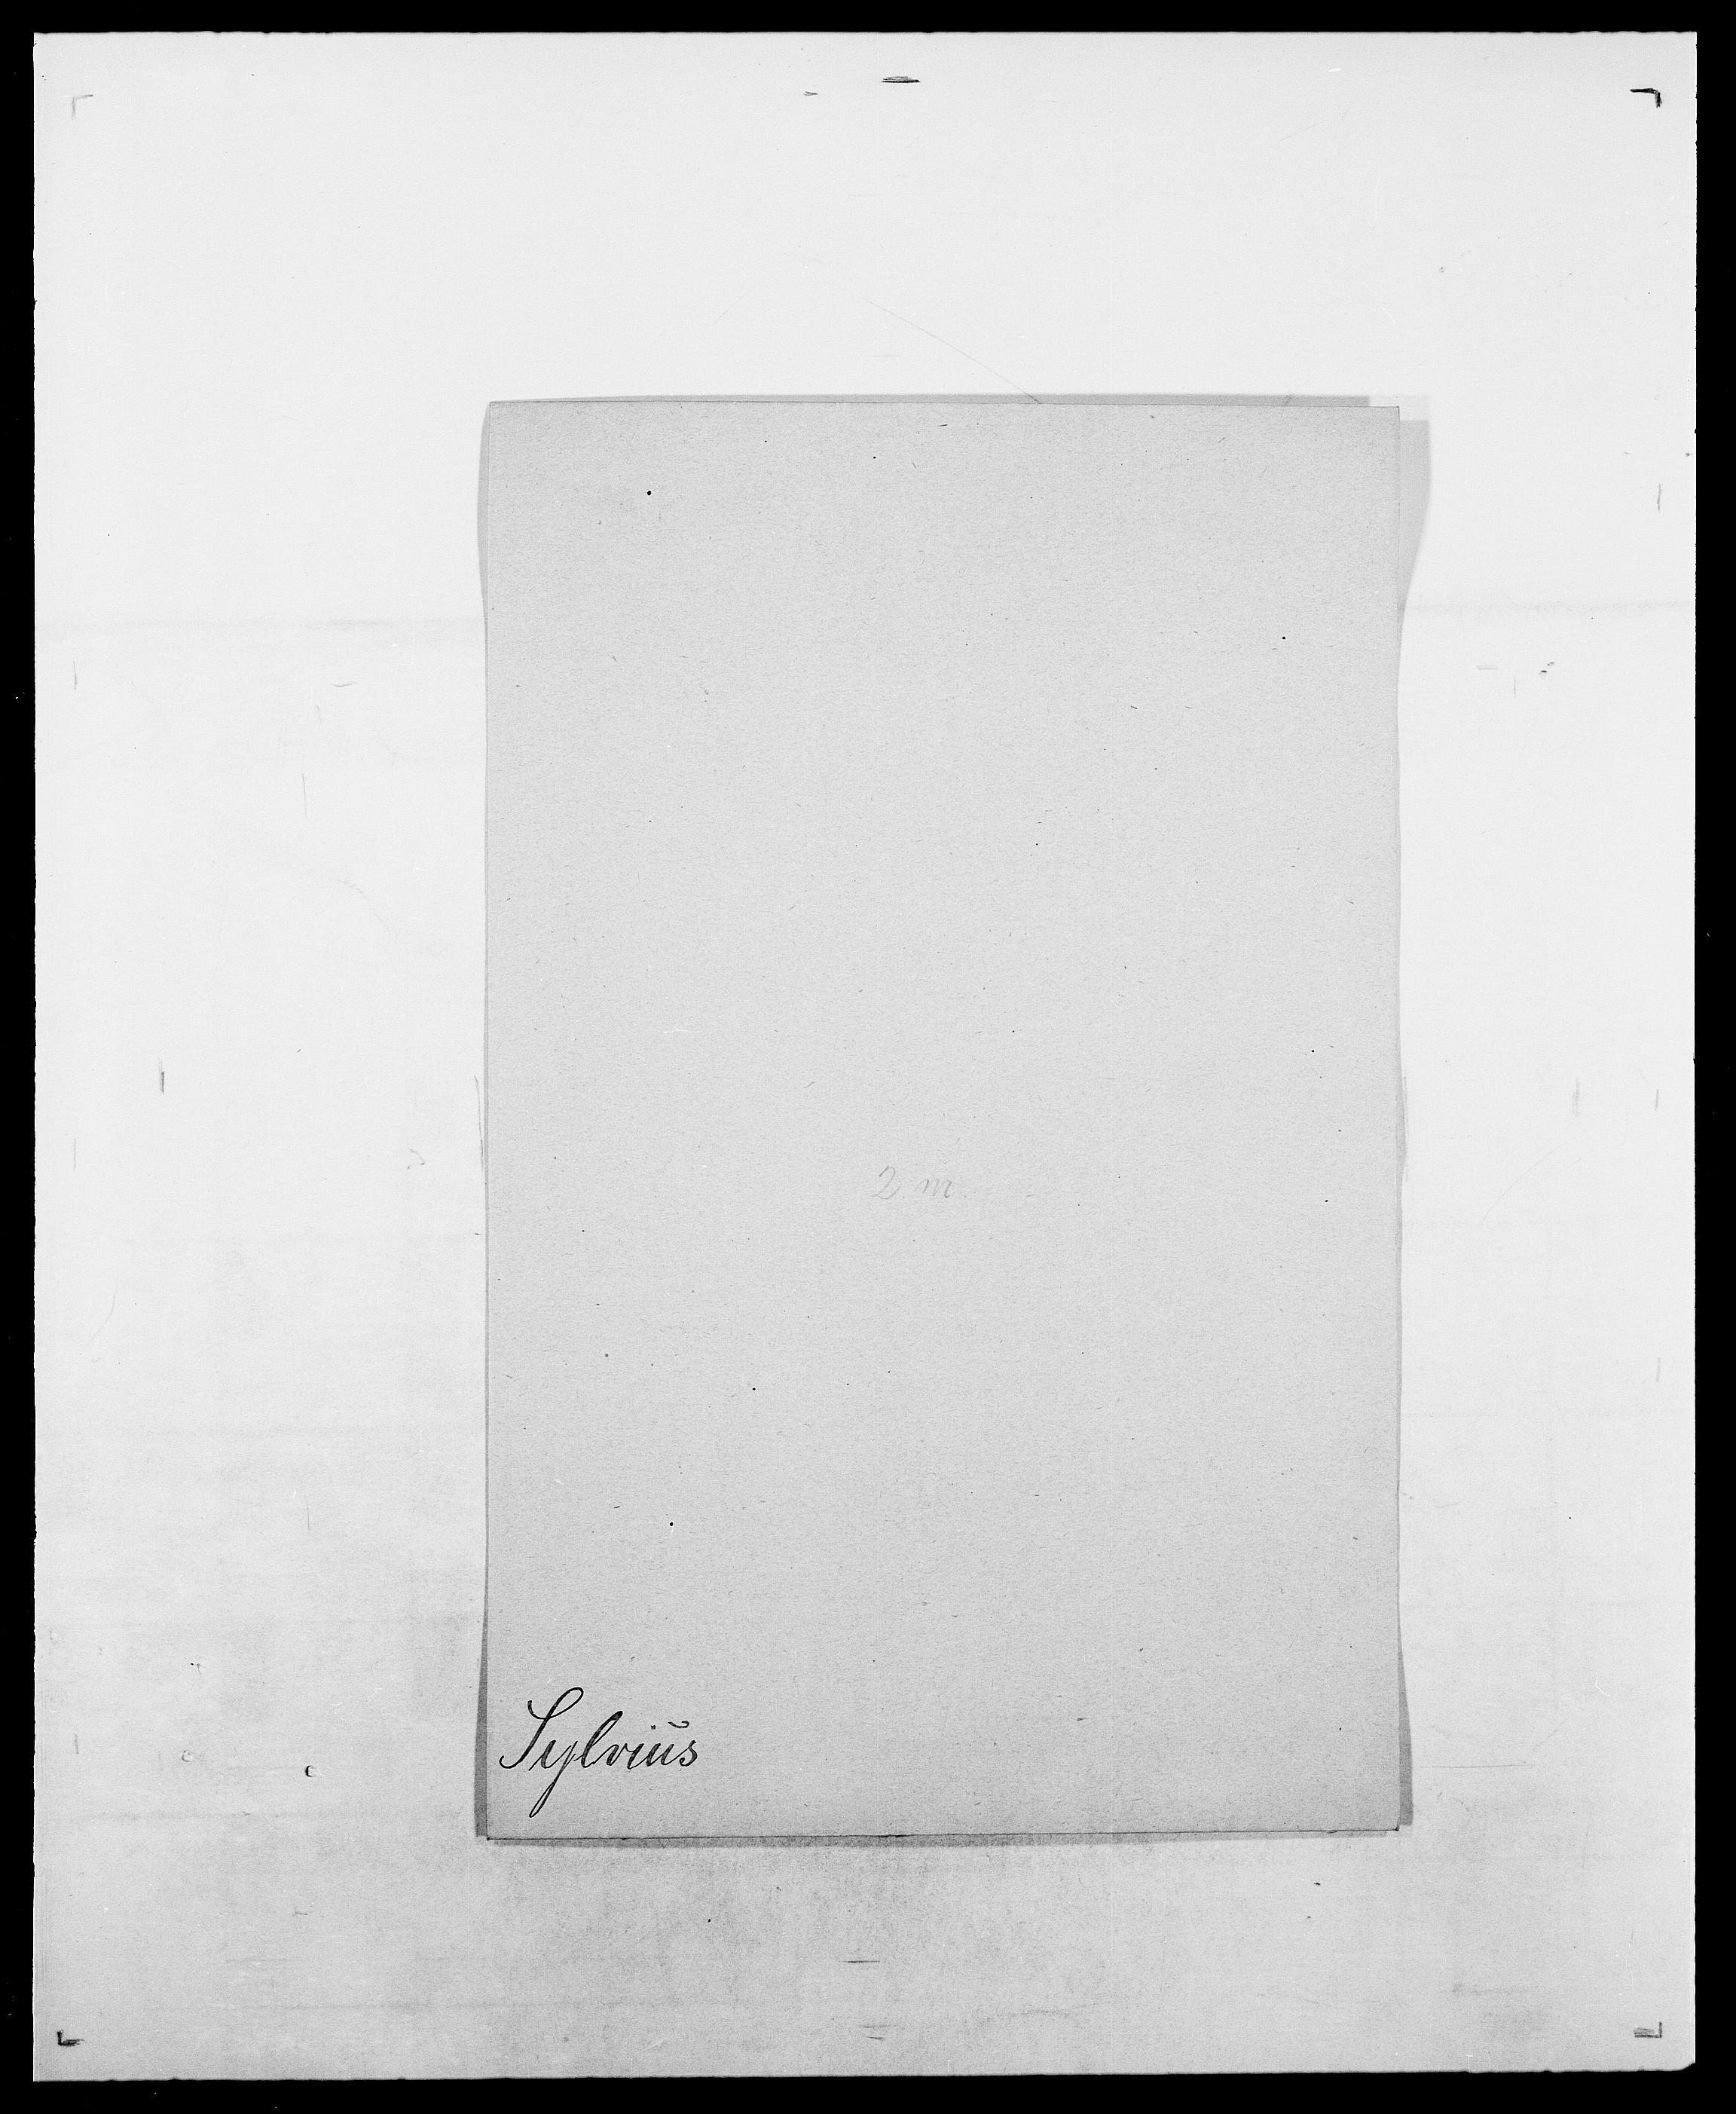 SAO, Delgobe, Charles Antoine - samling, D/Da/L0038: Svanenskjold - Thornsohn, s. 94